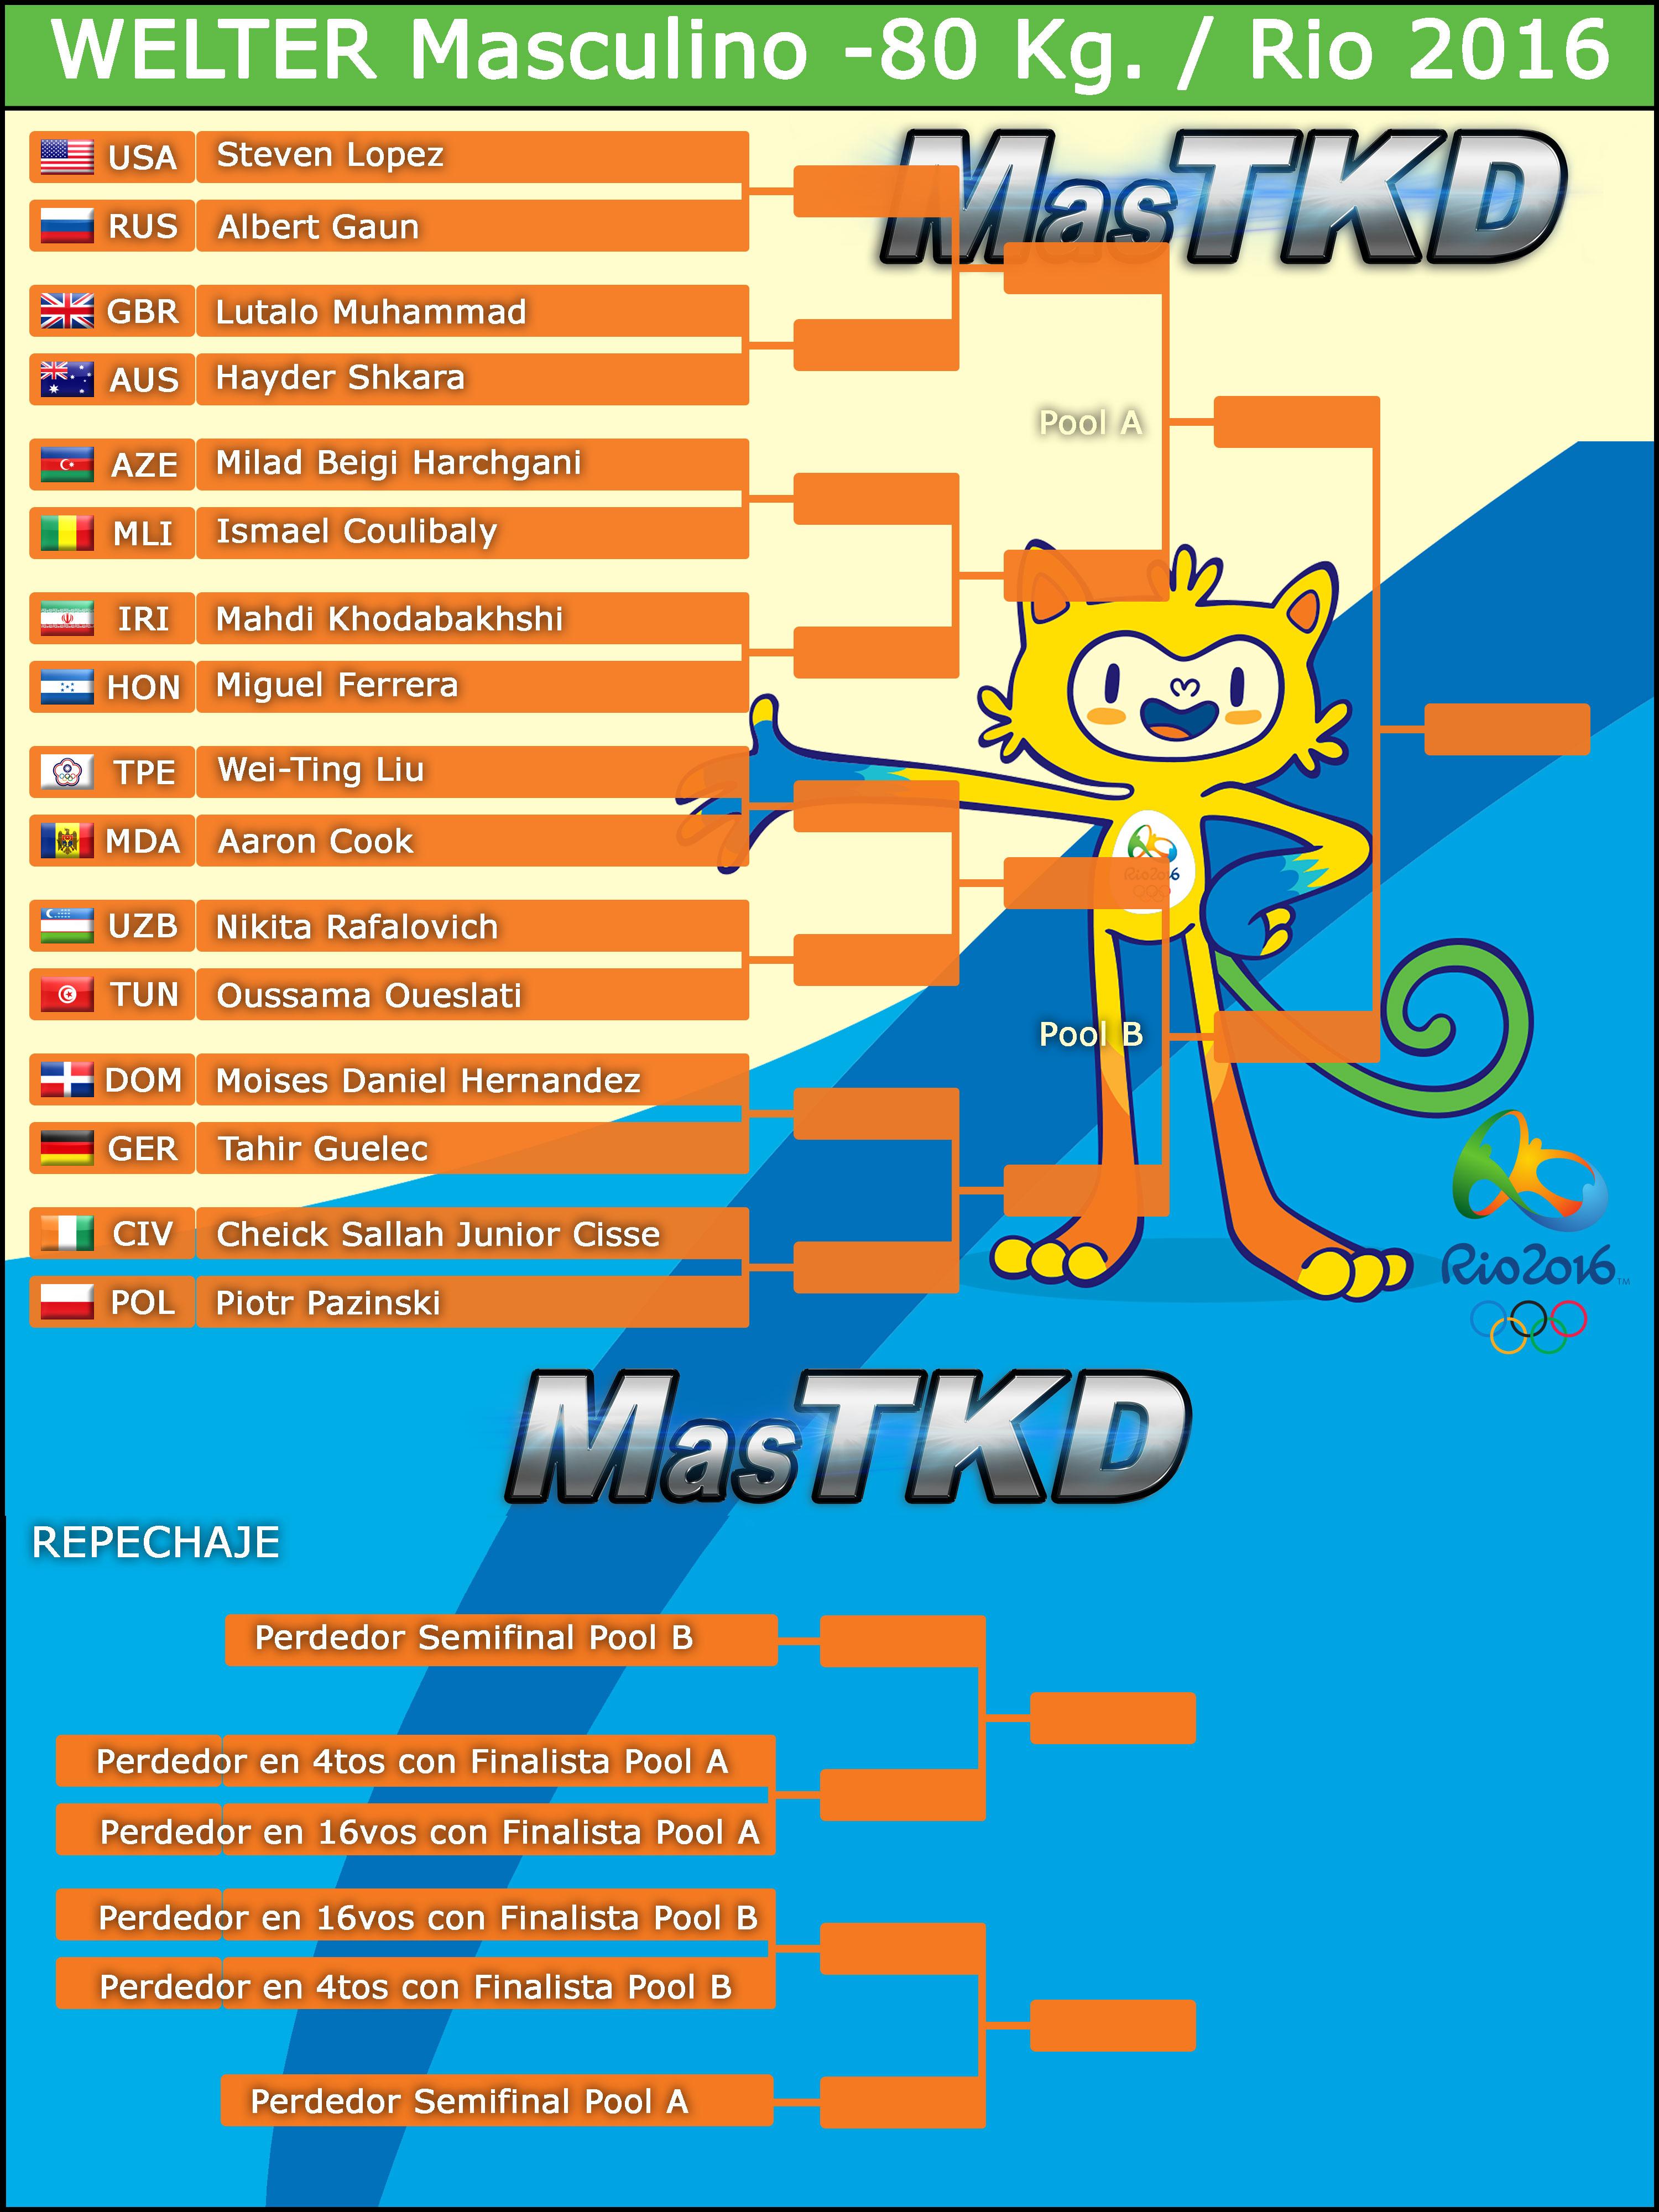 M-80_Graficas-TAEKWONDO-Rio2016_oficial